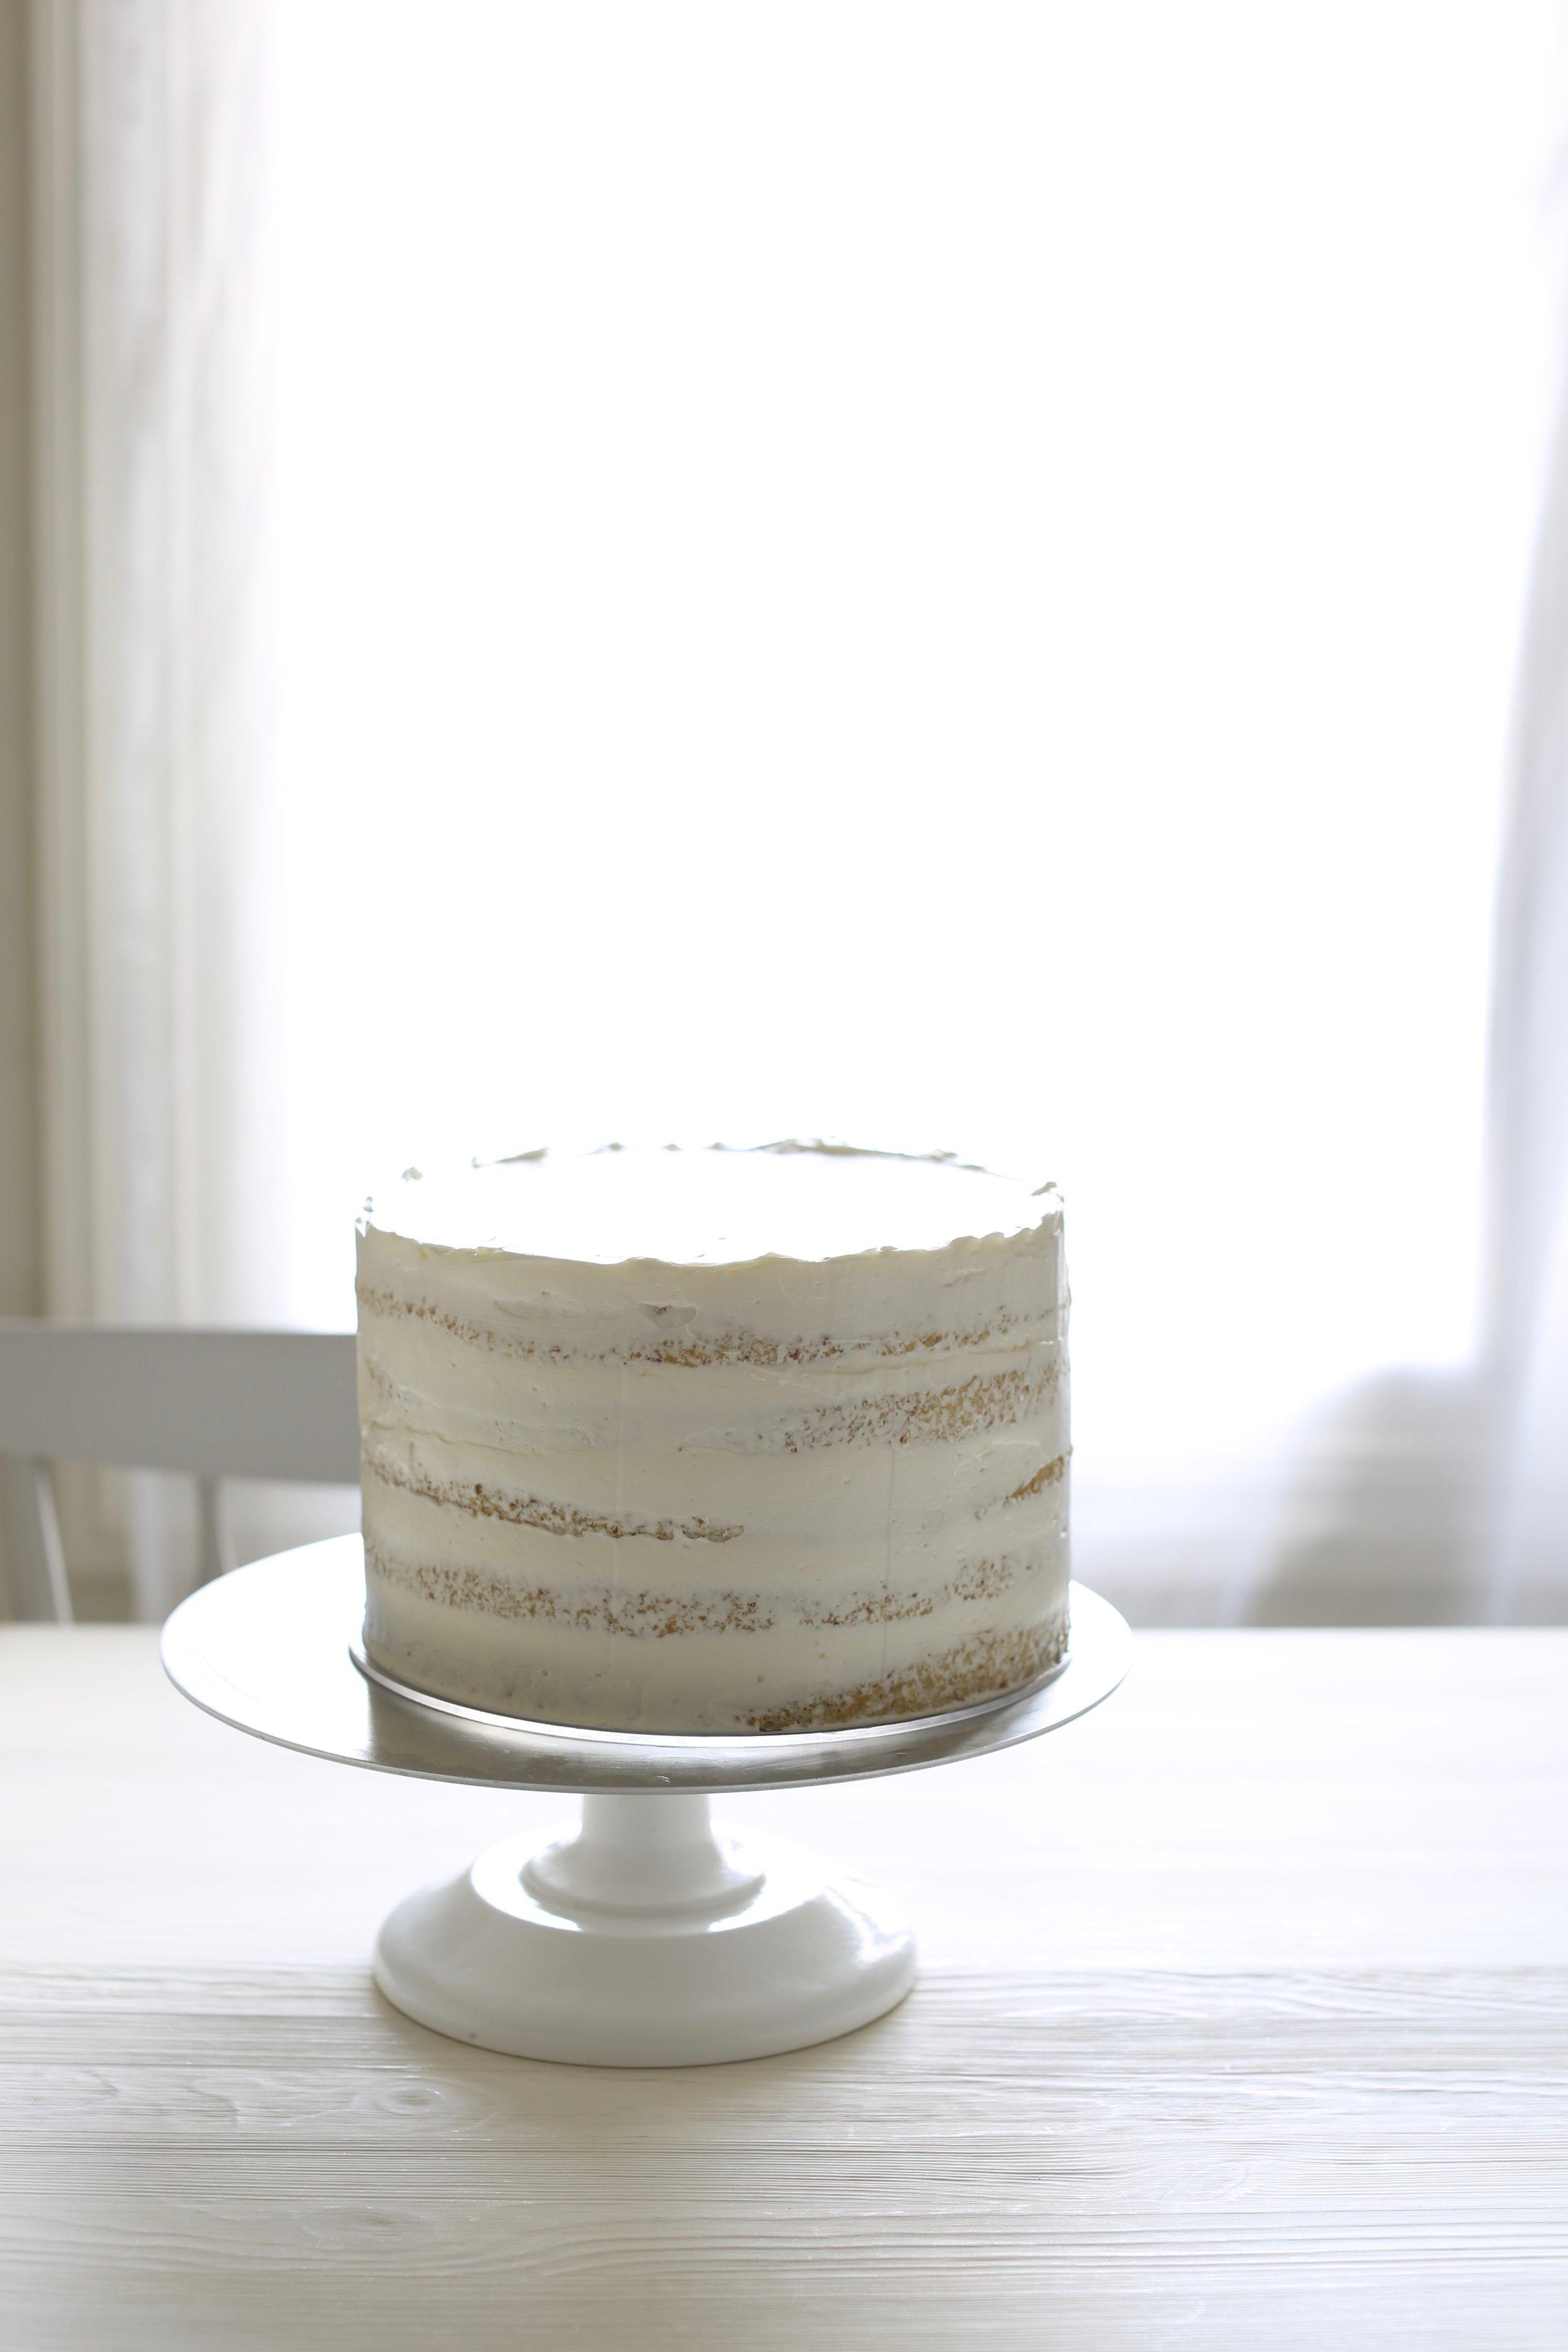 homemade cake.jpg